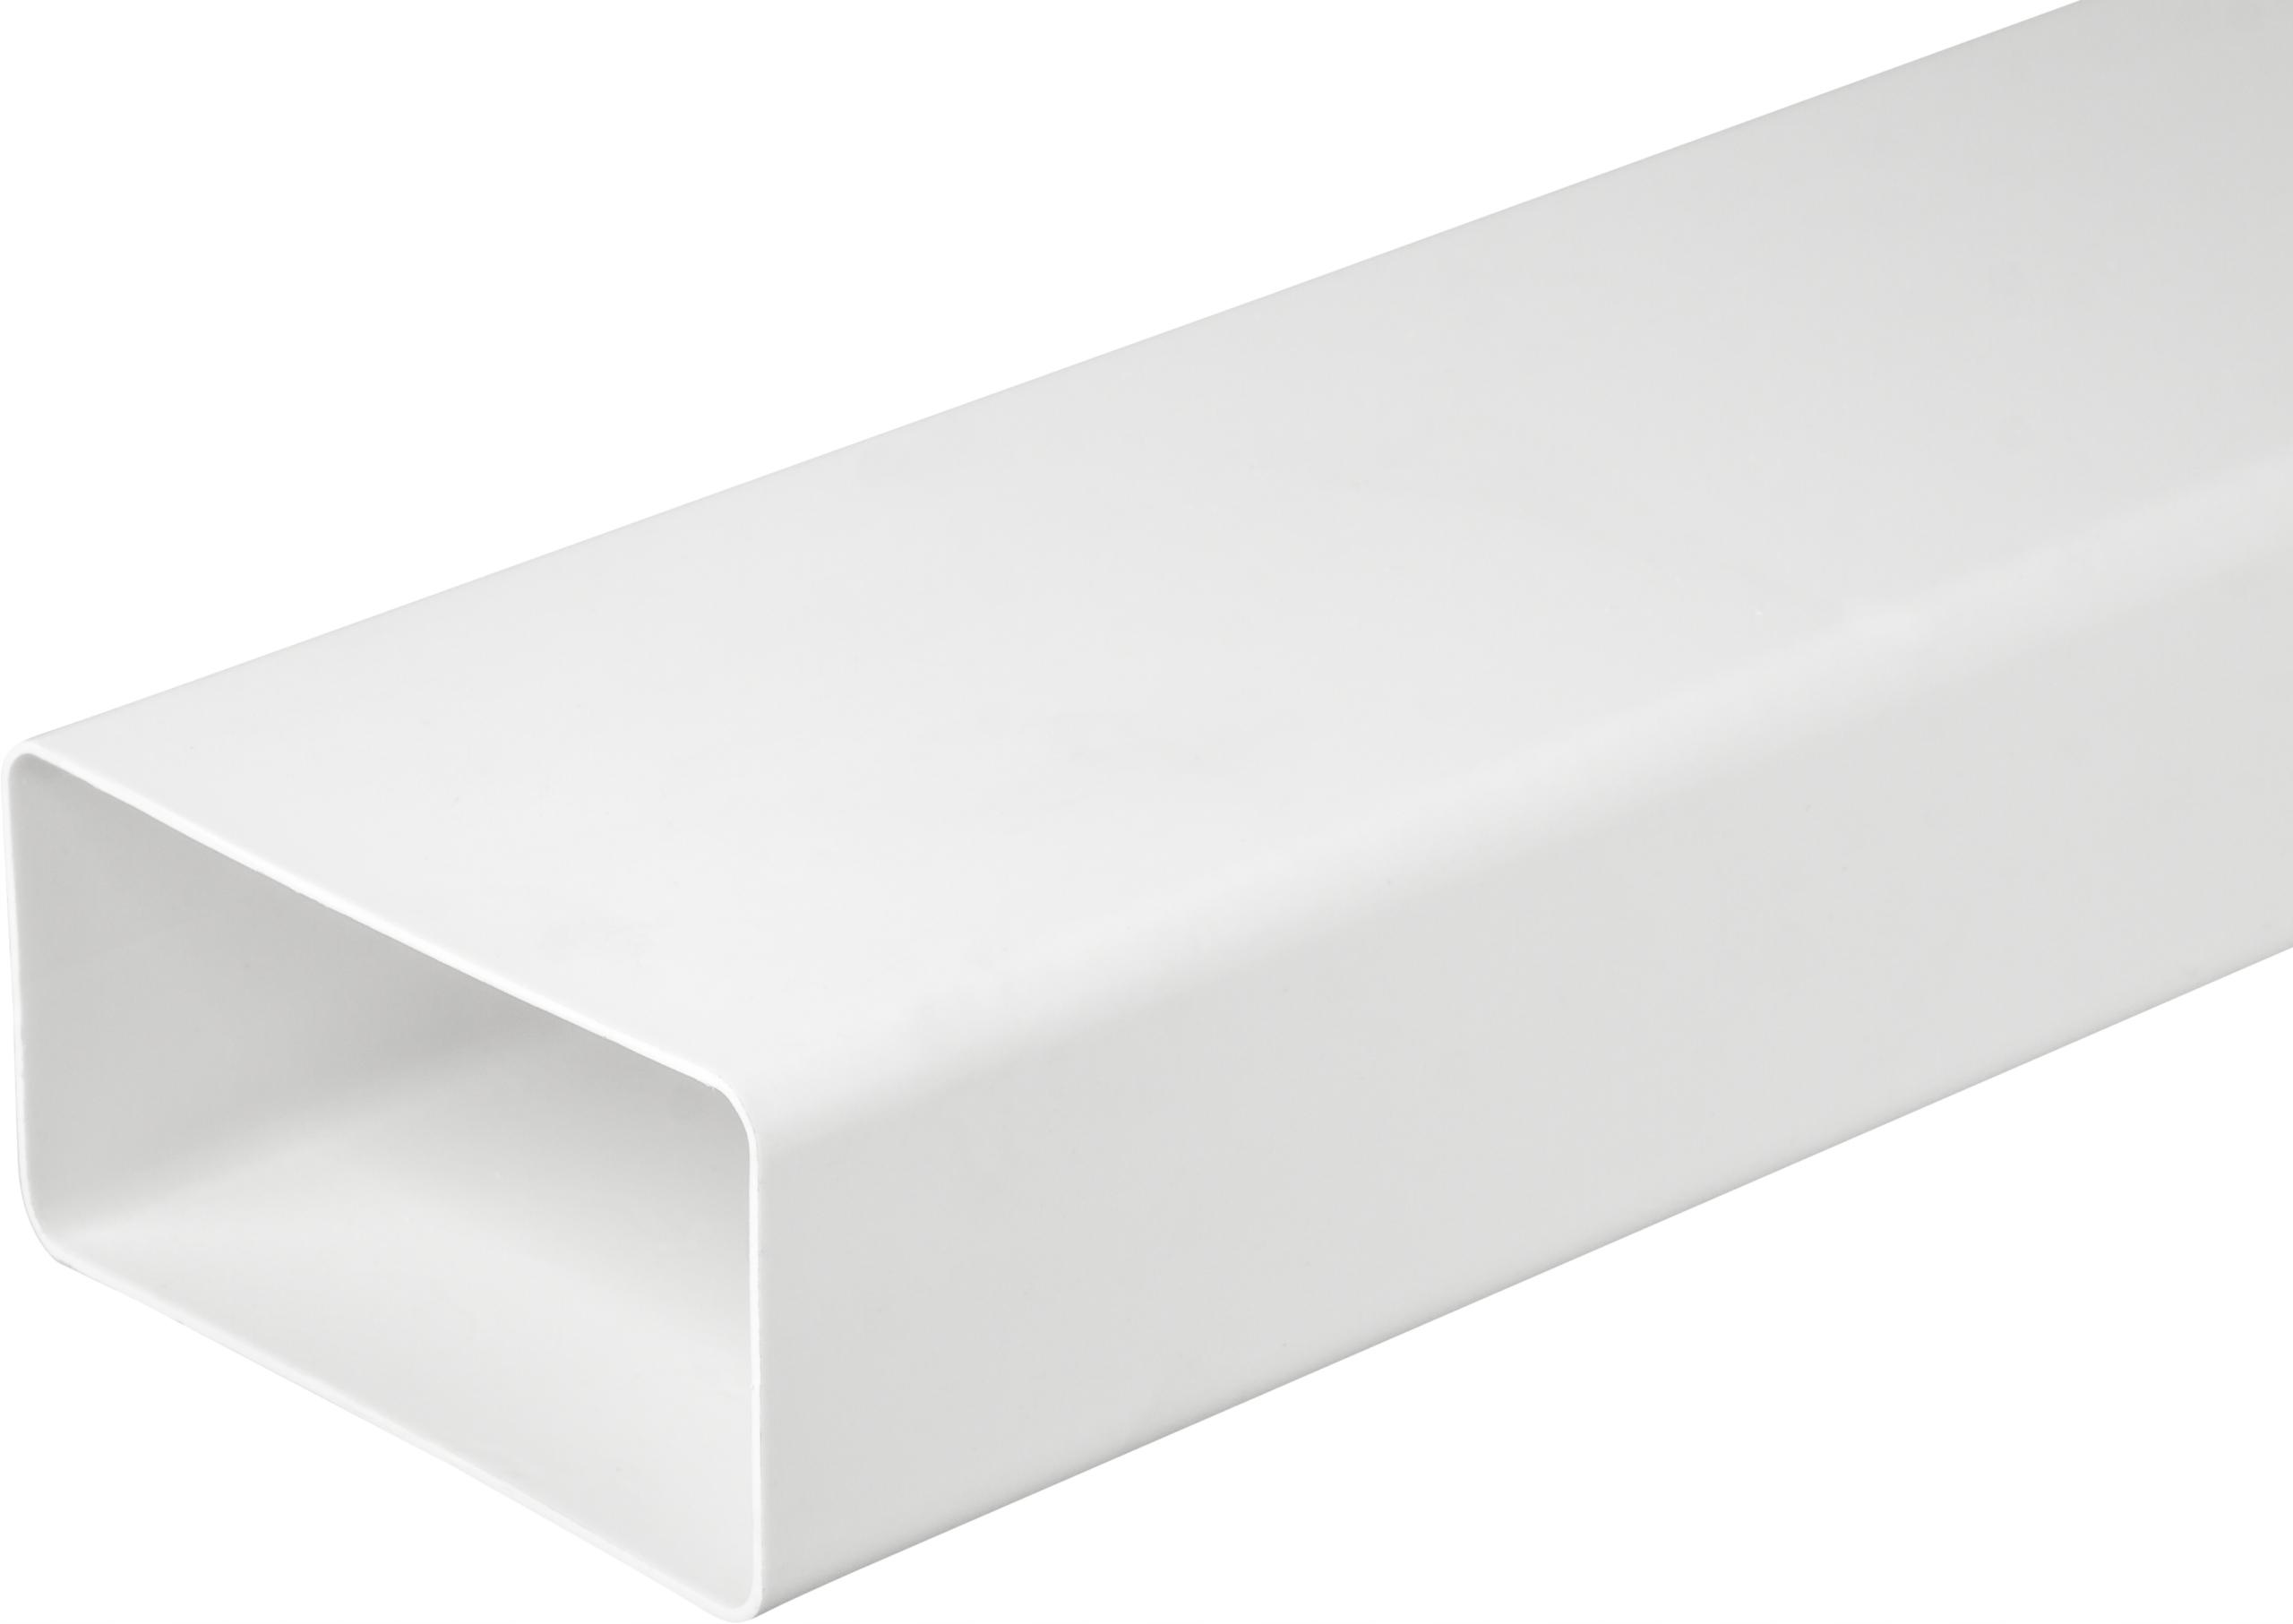 Kanał wentylacyjny płaski 110x55 1m